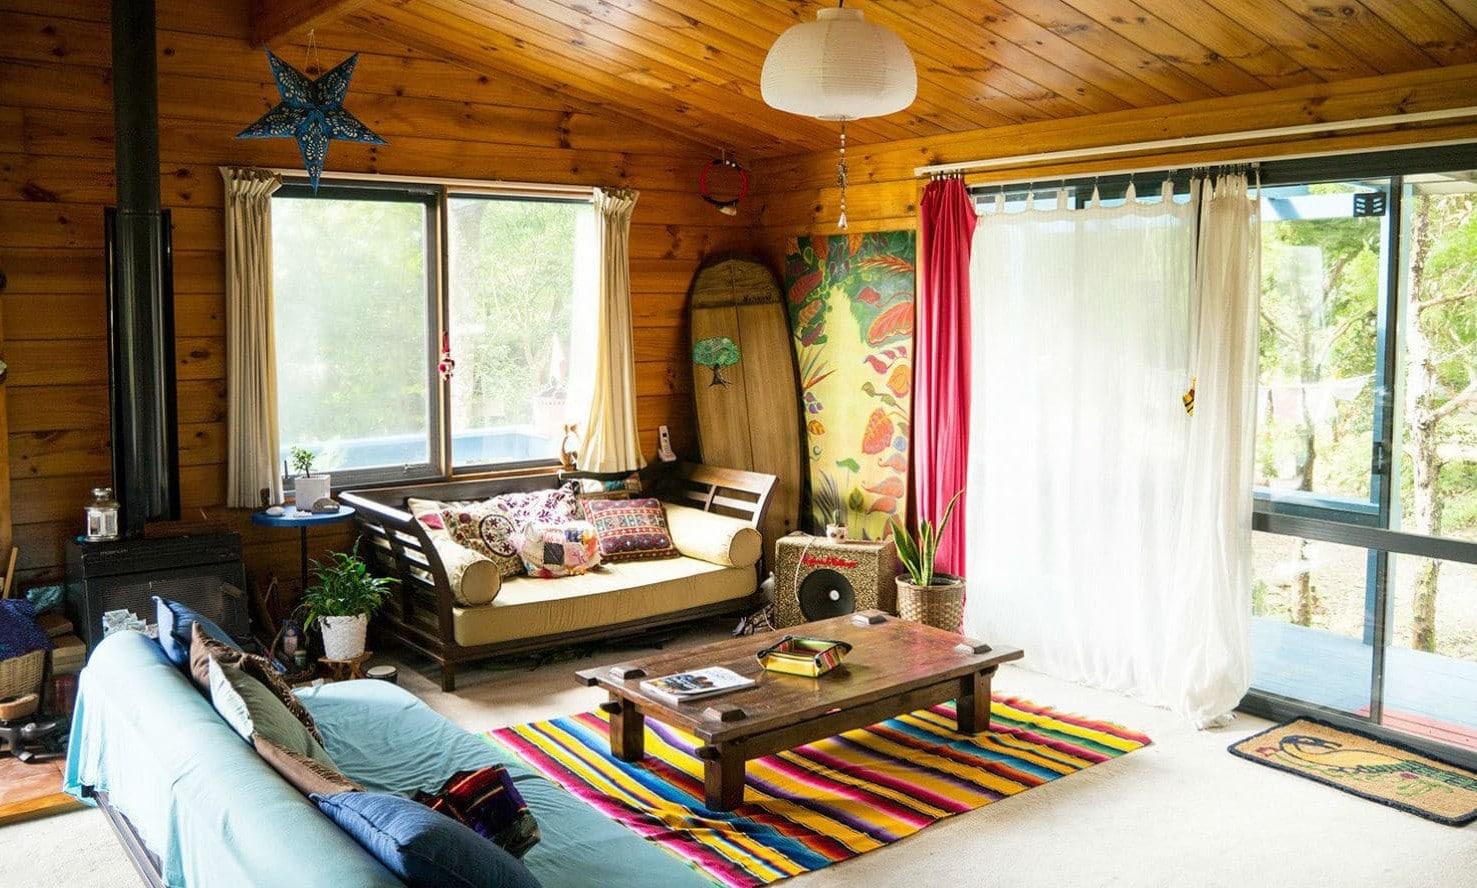 6X surf shacks de jaloersmakende woningen van surfers - Hiromi Matsubara